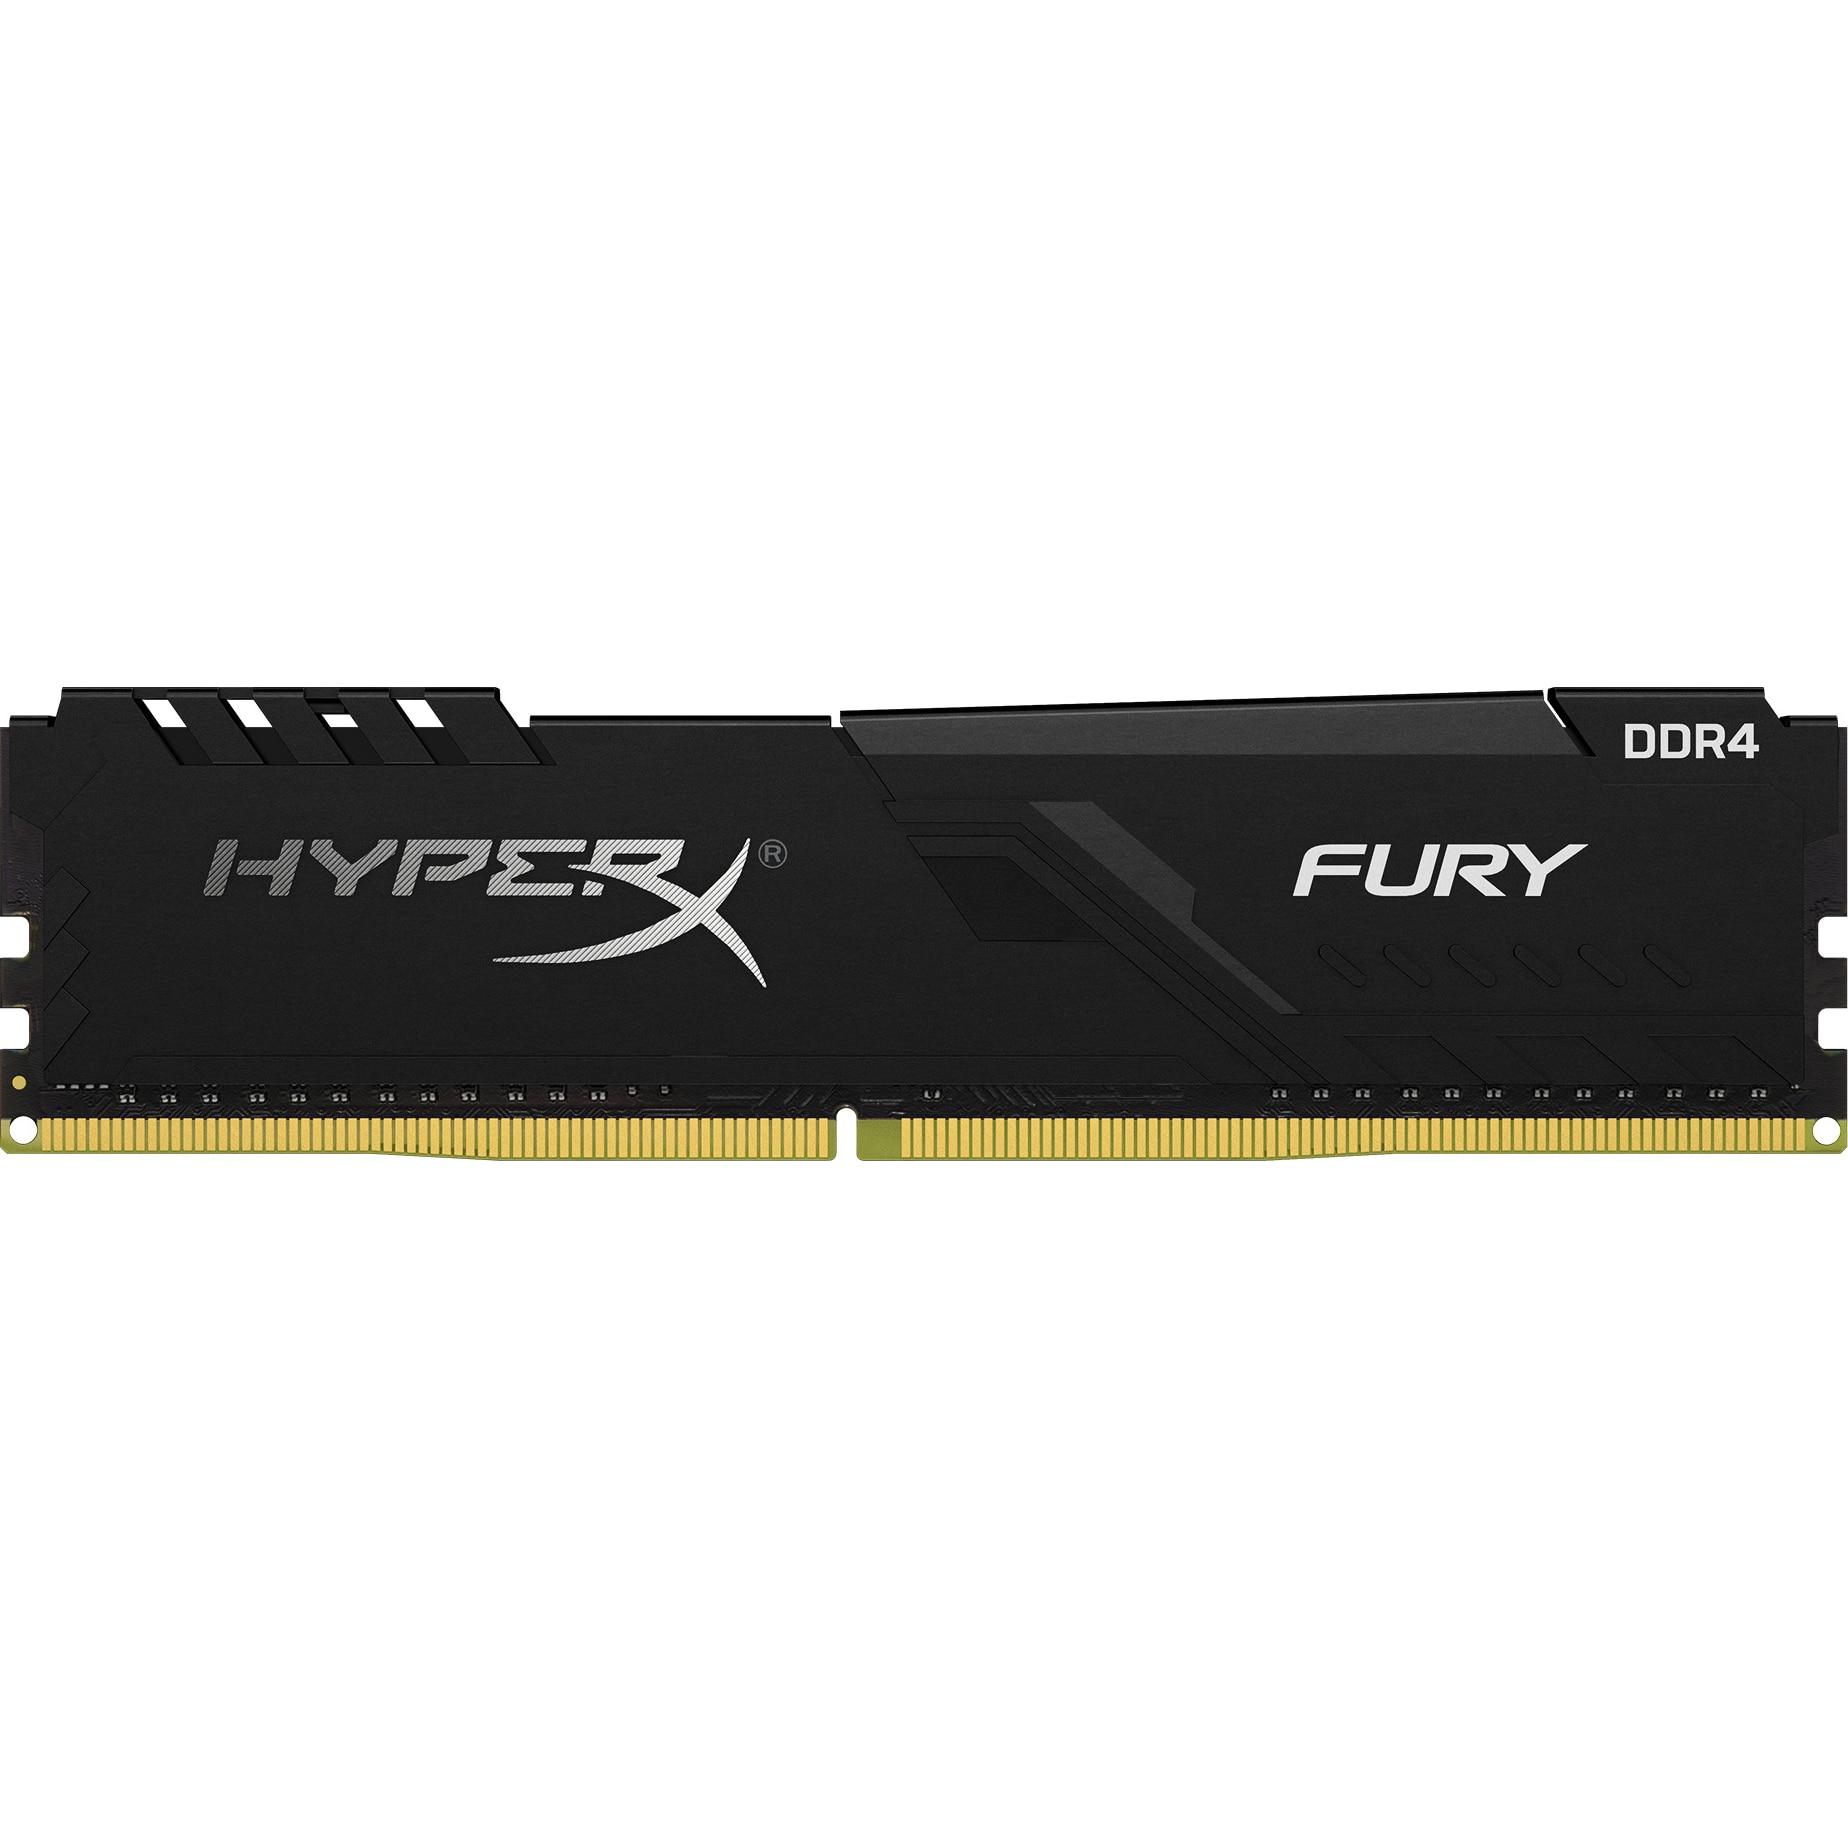 Fotografie Memorie HyperX Fury Black 8GB, DDR4, 2400MHz, CL15, 1.2V